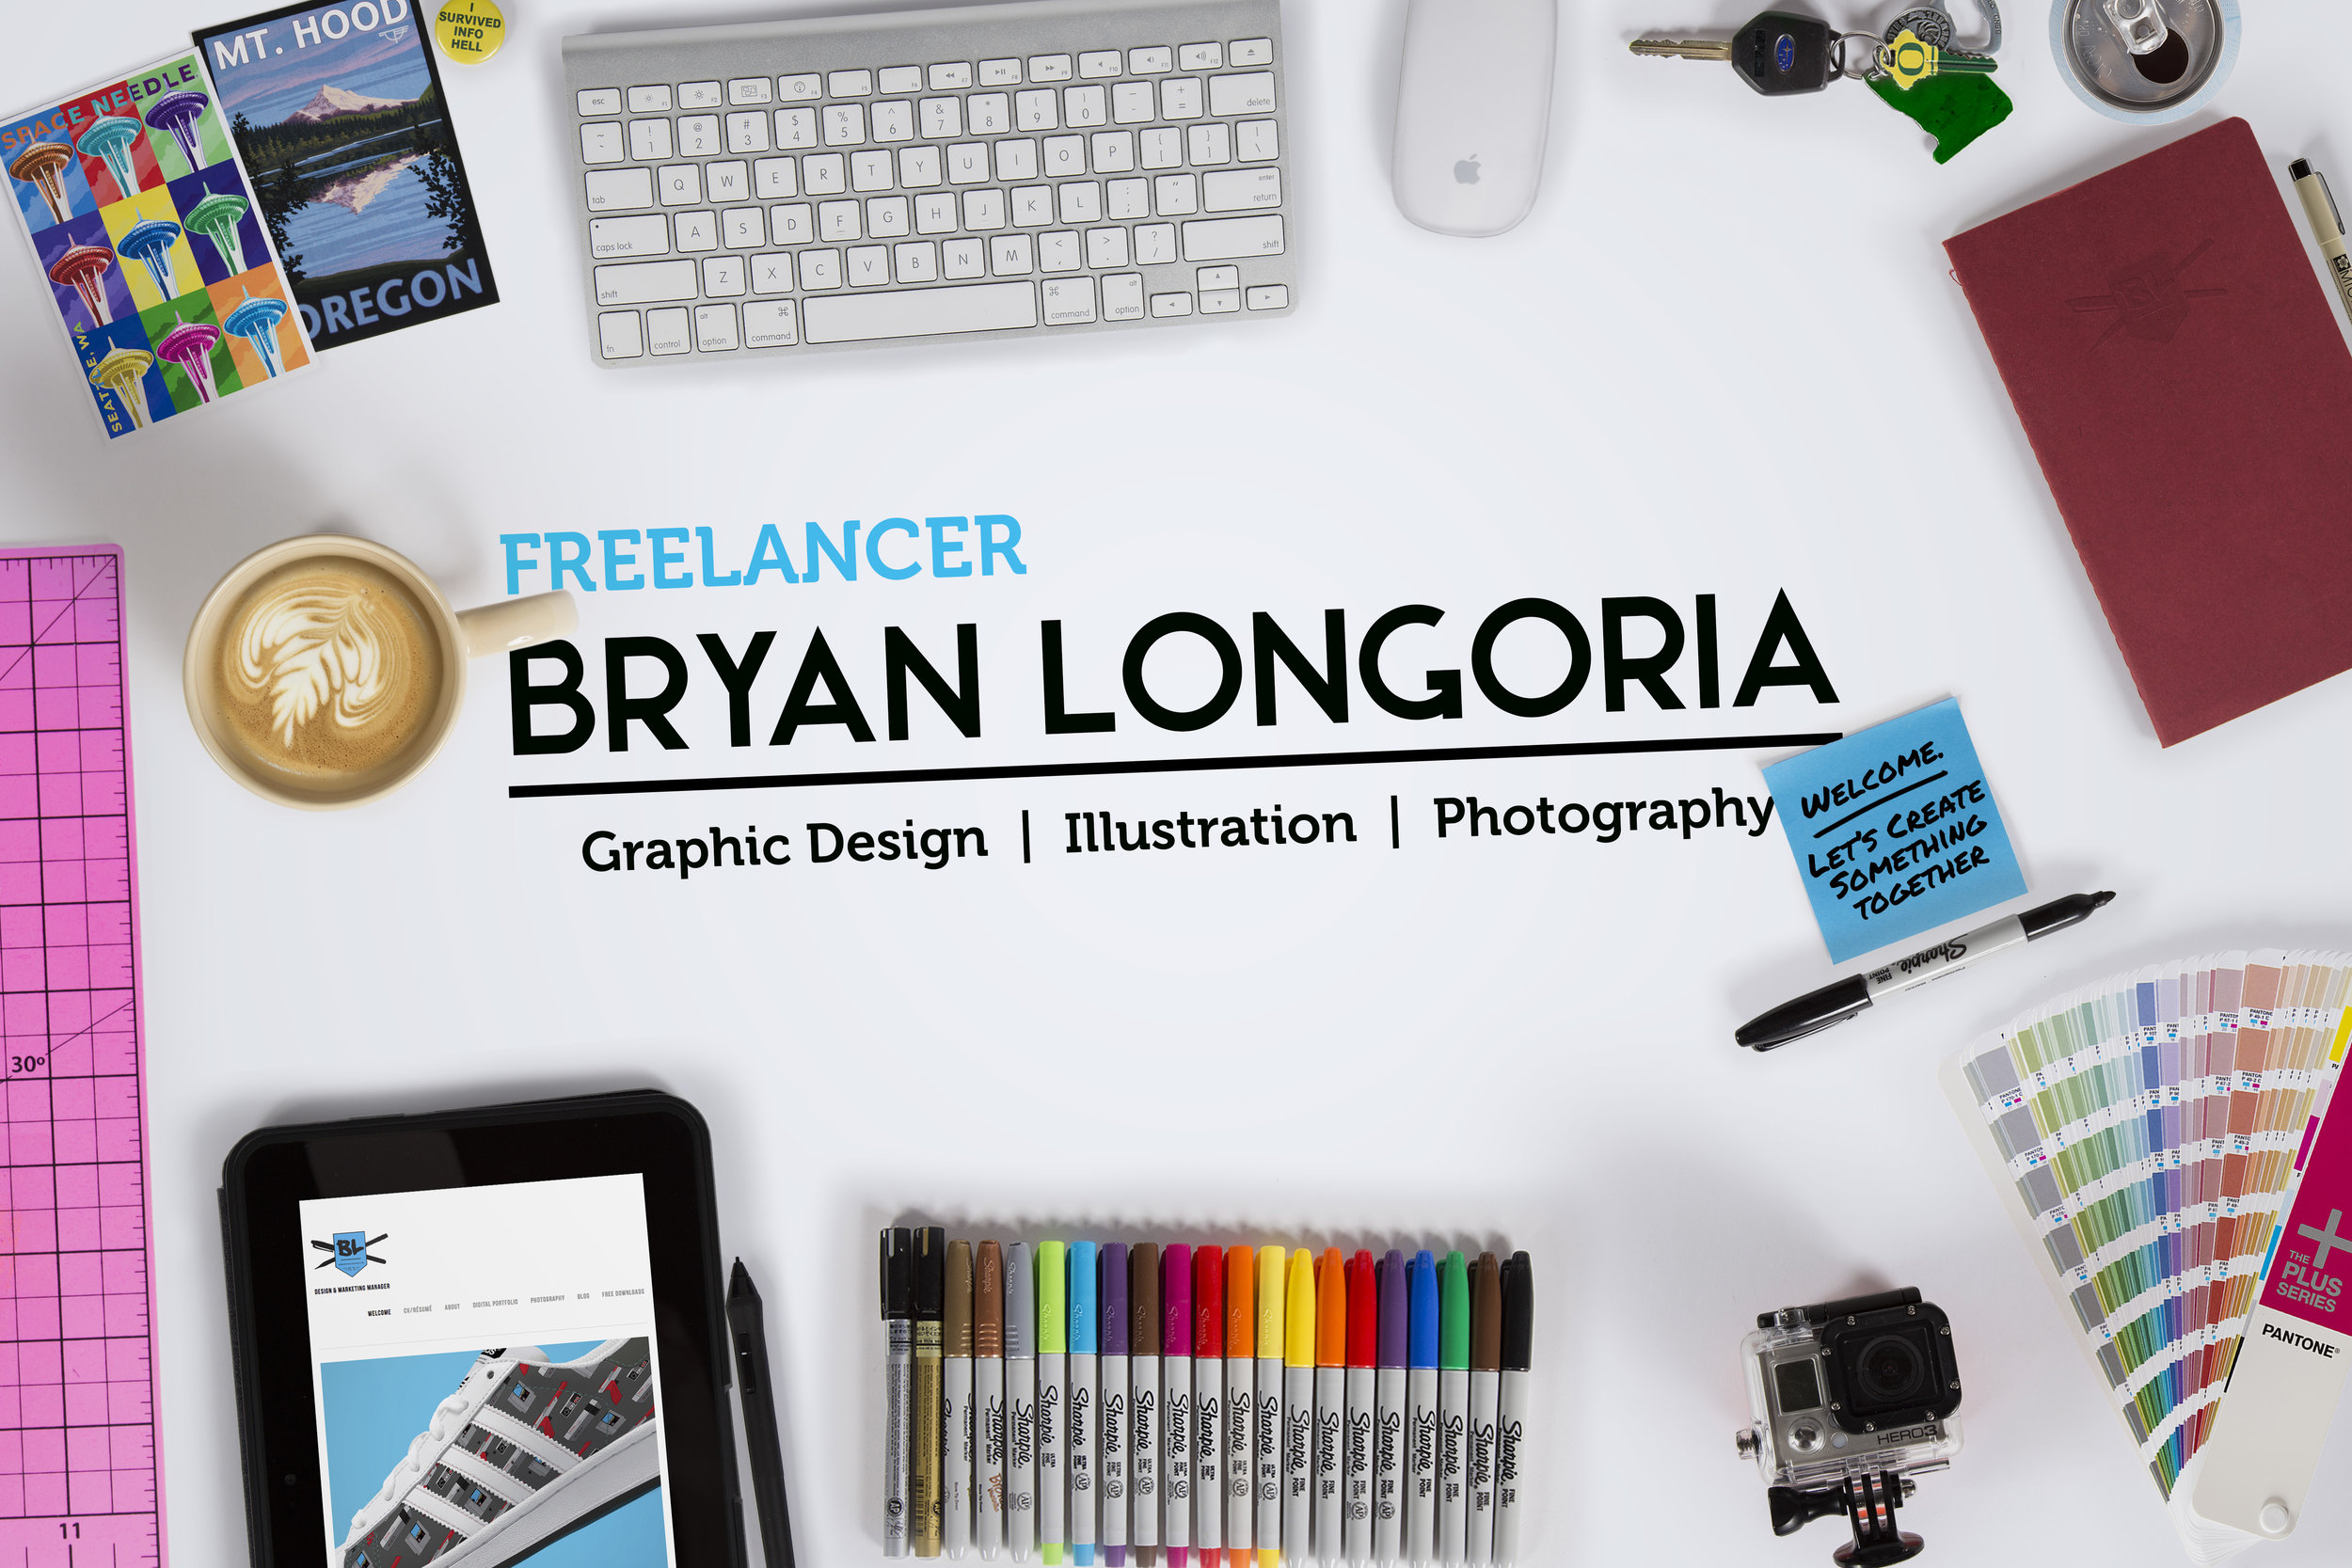 Freelance Graphic Designer Bryan Longoria